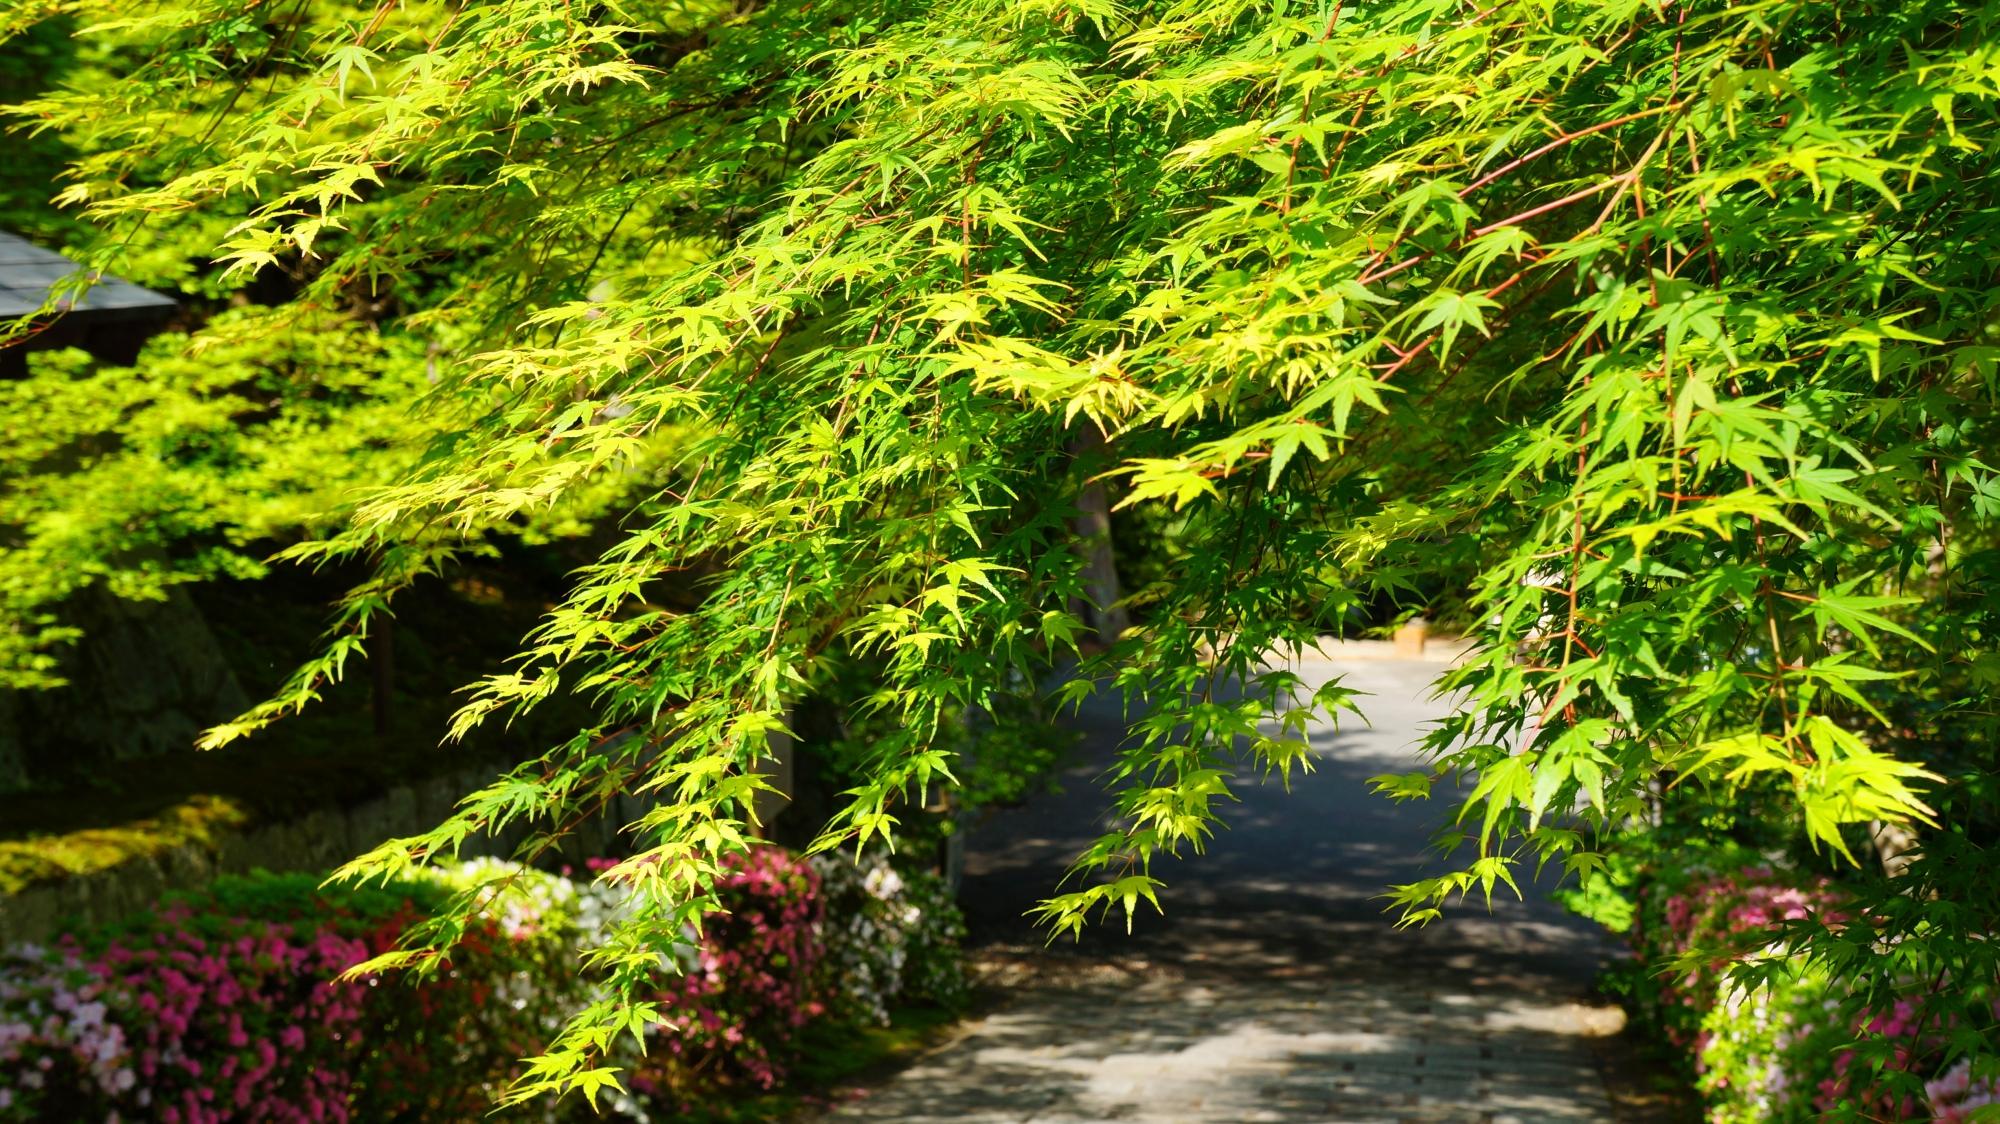 春の曼殊院を彩る絶品の新緑